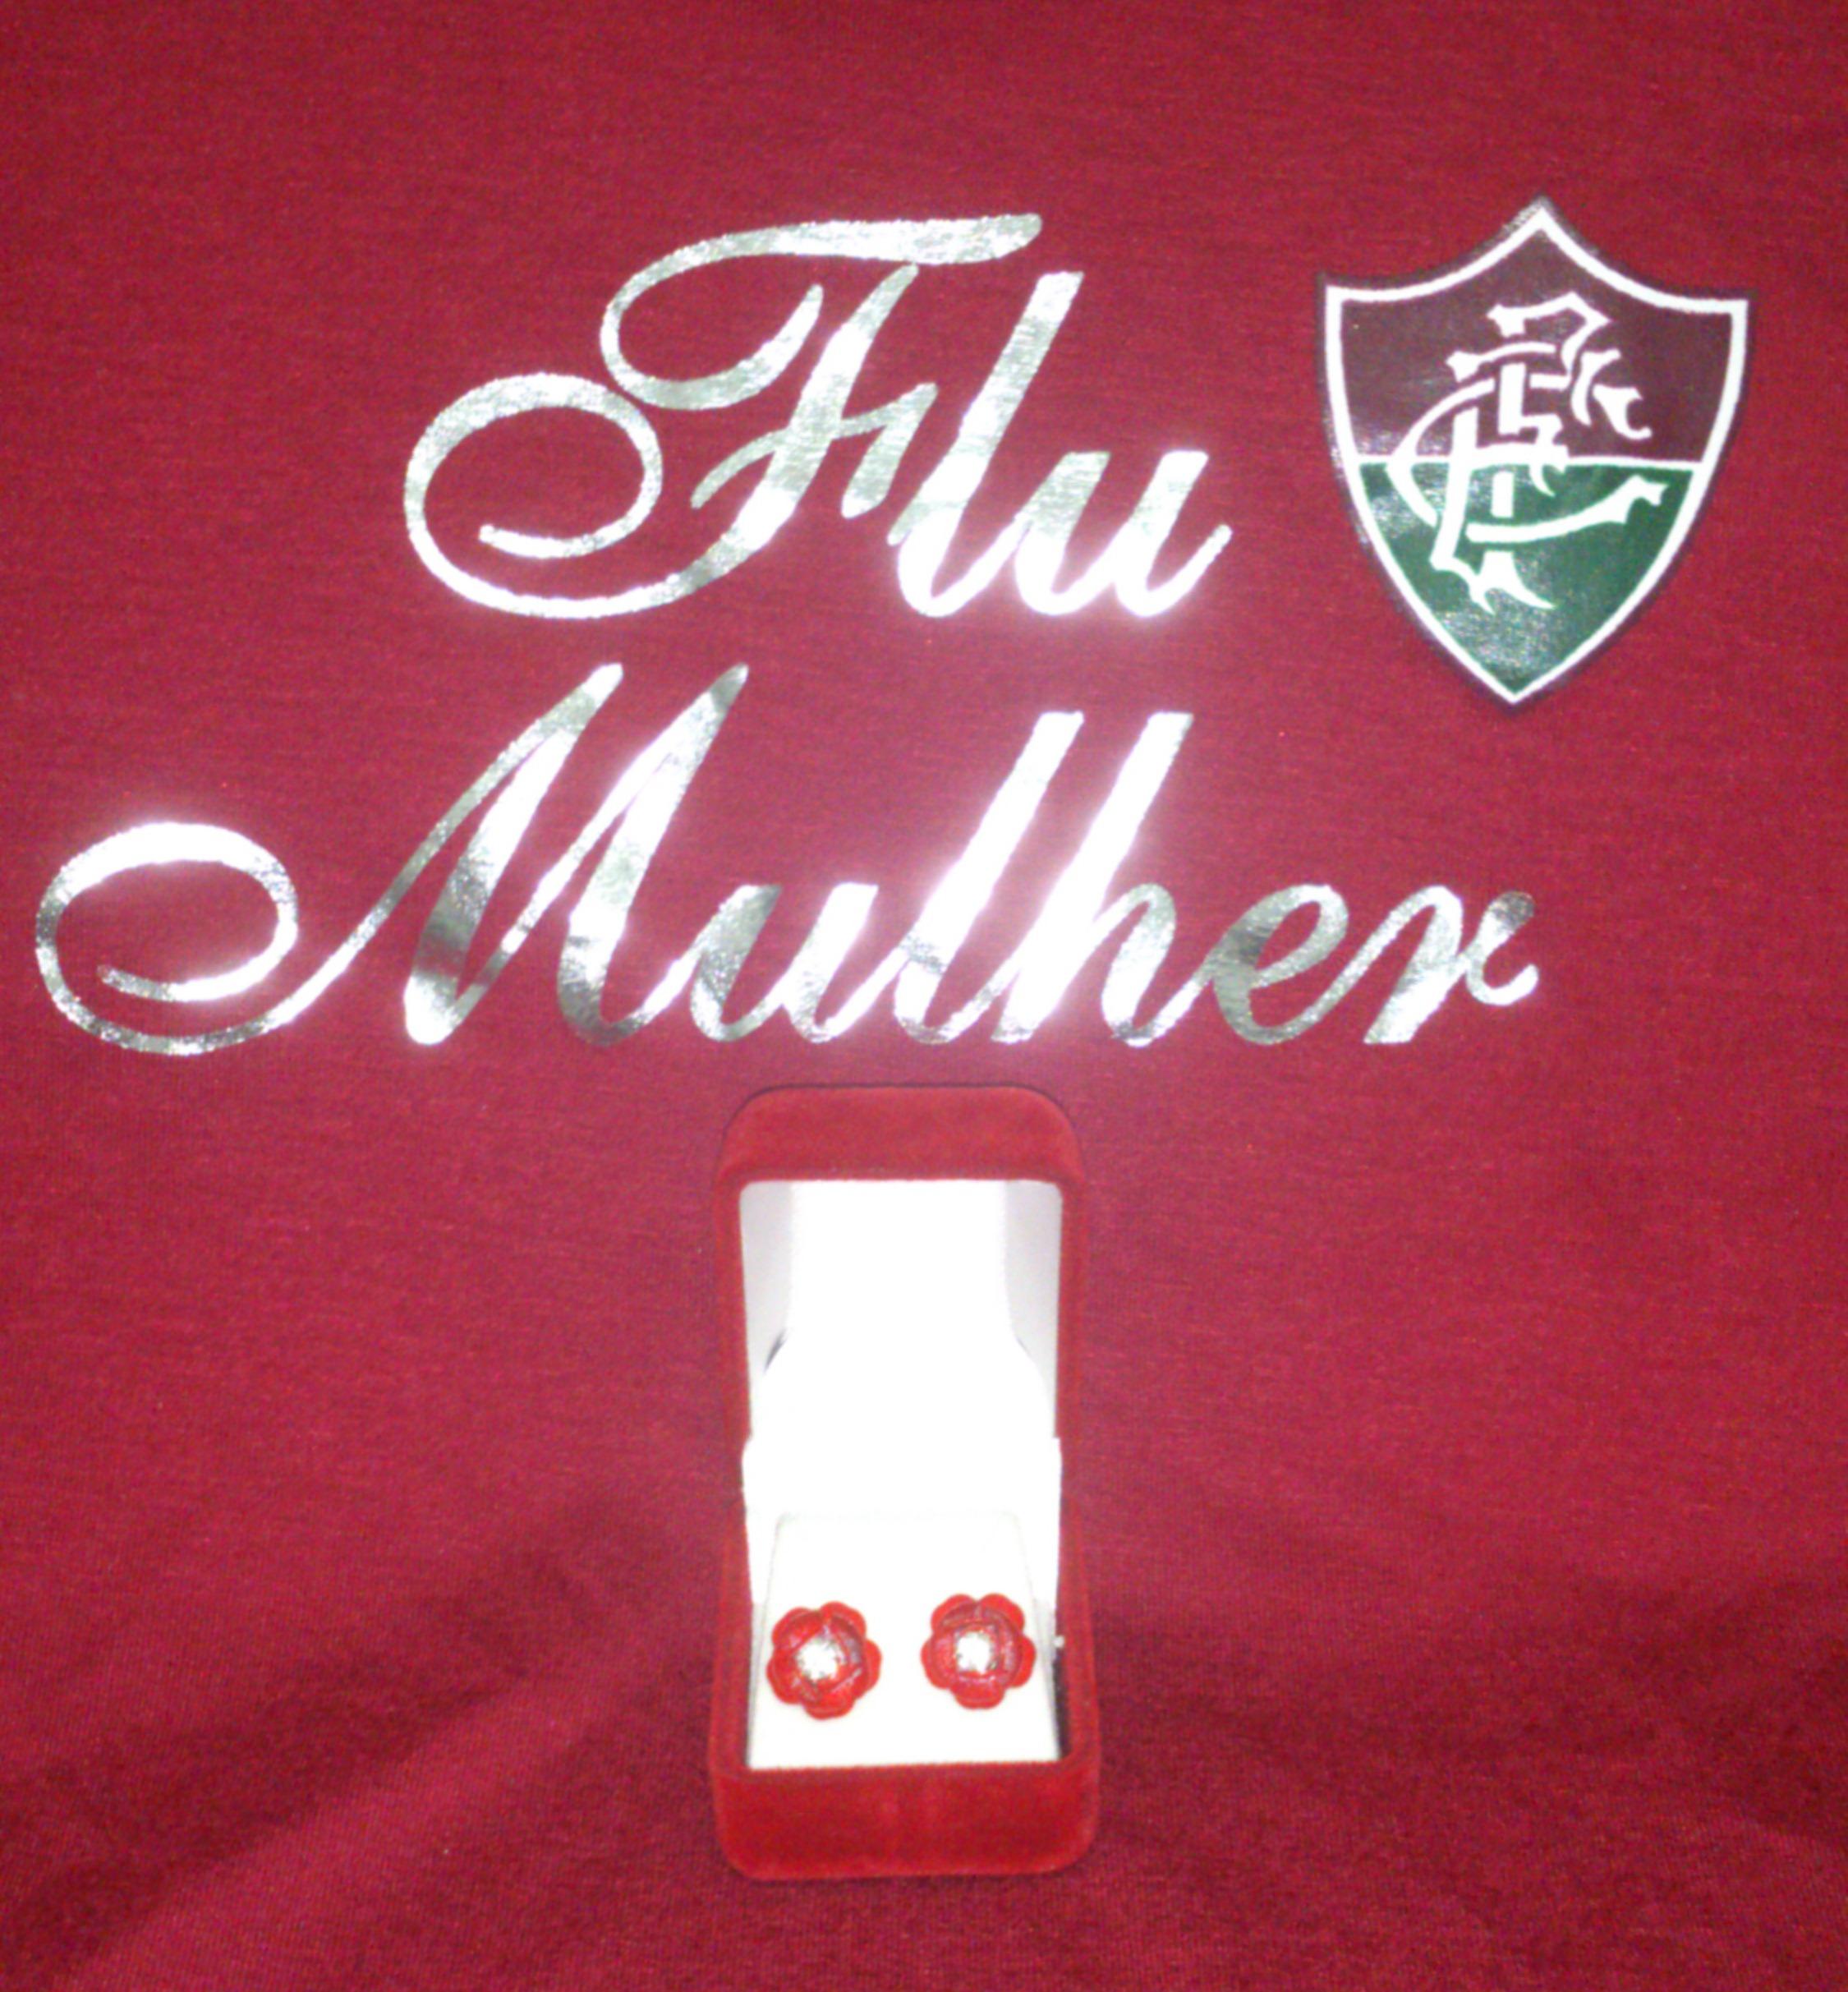 Arte da camiseta e brincos flu mulher